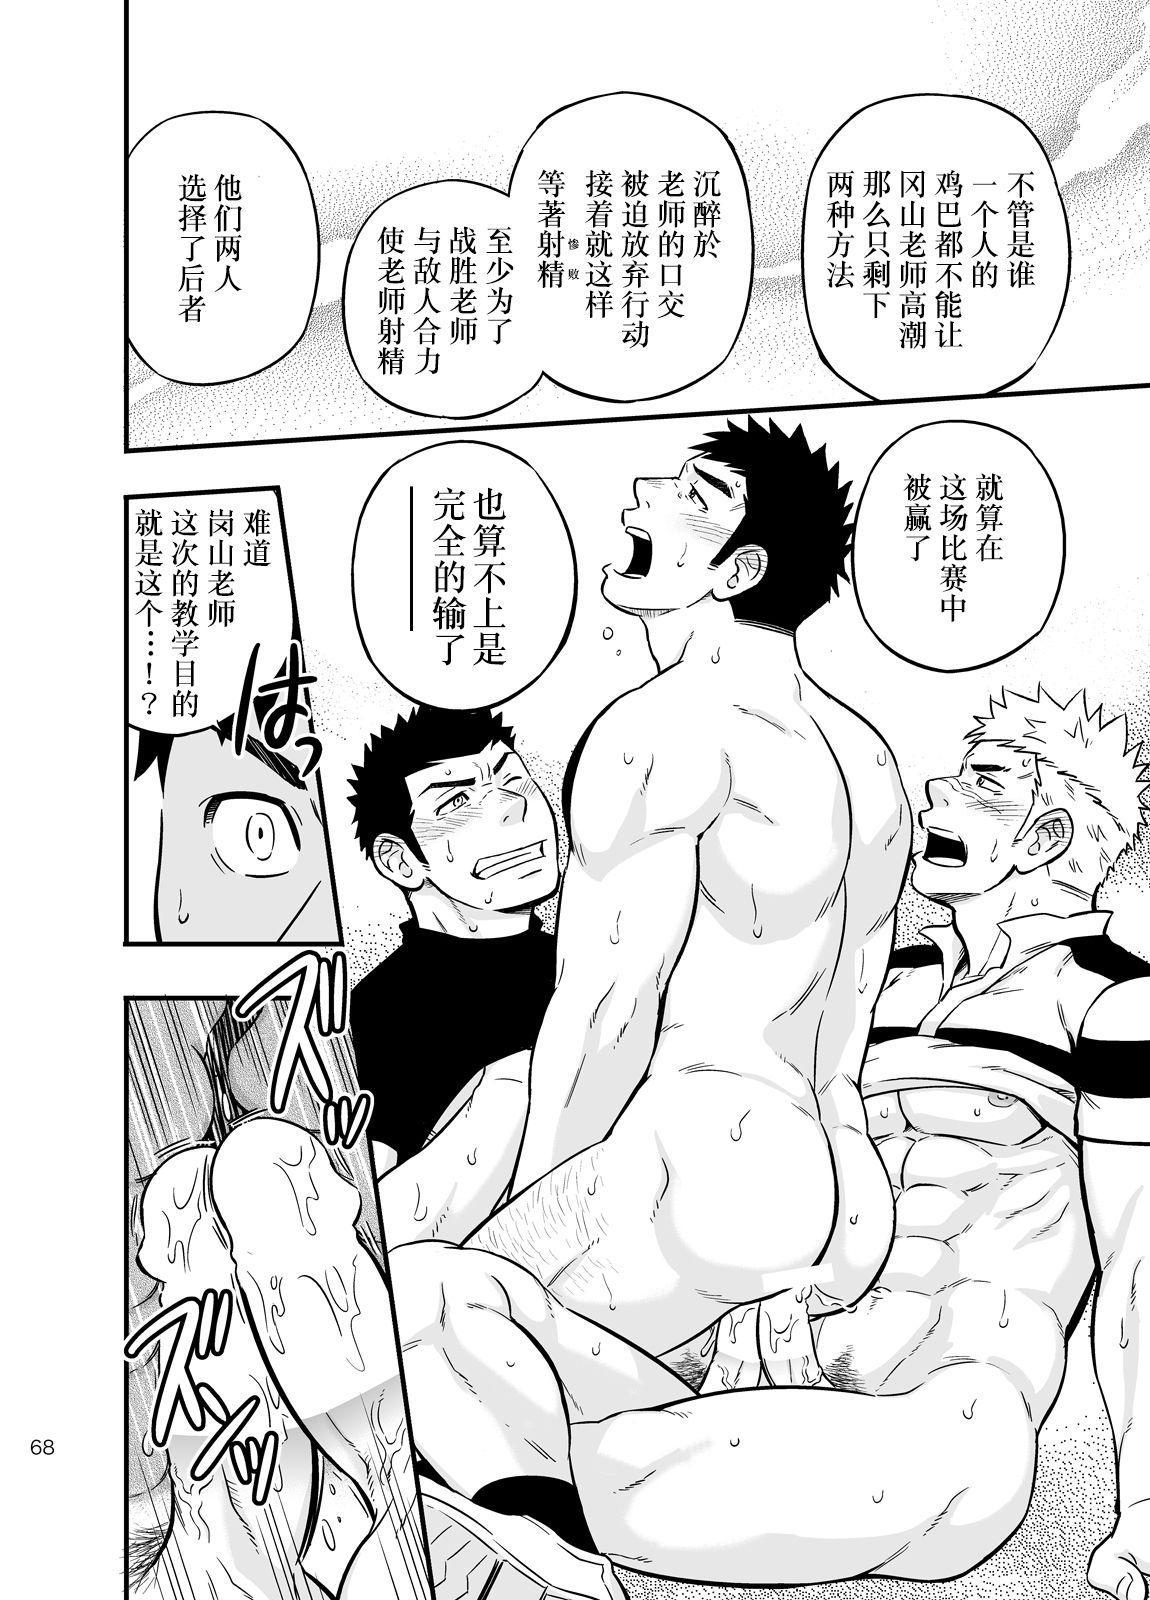 Moshimo Danshikou no Hoken Taiiku ga Jitsugi Ari Dattara 2 | 如果男校的保健体育课有实践环节的话 2 66